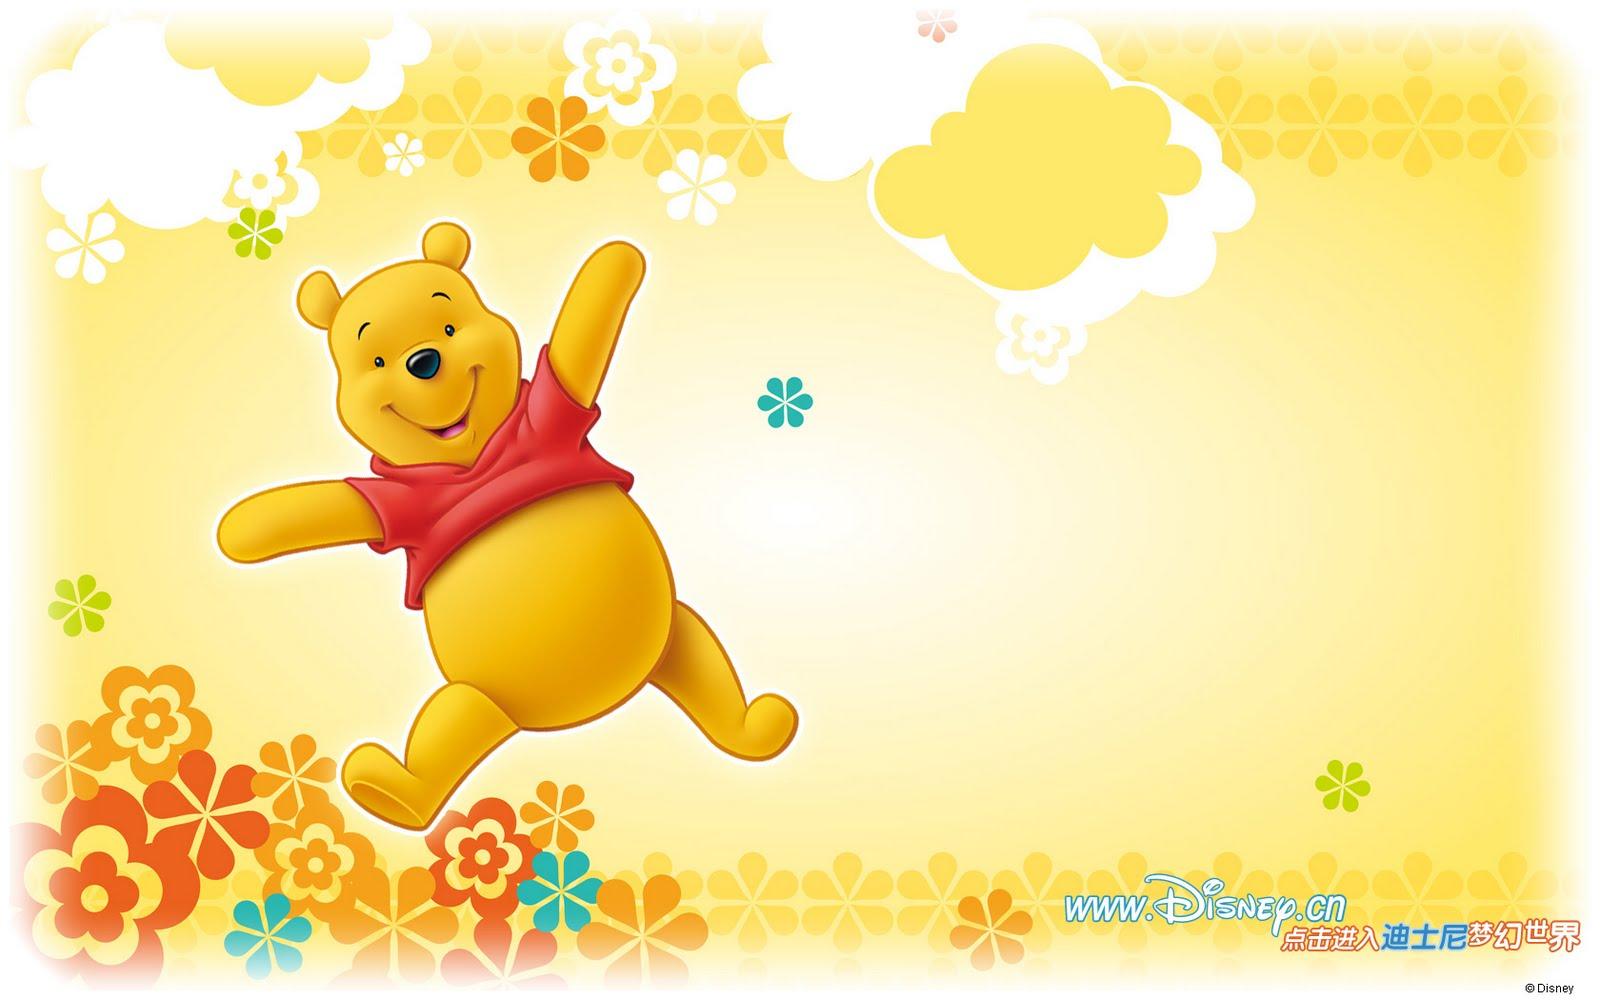 33 imágenes de Winnie Pooh y sus amigos de Disney | Banco